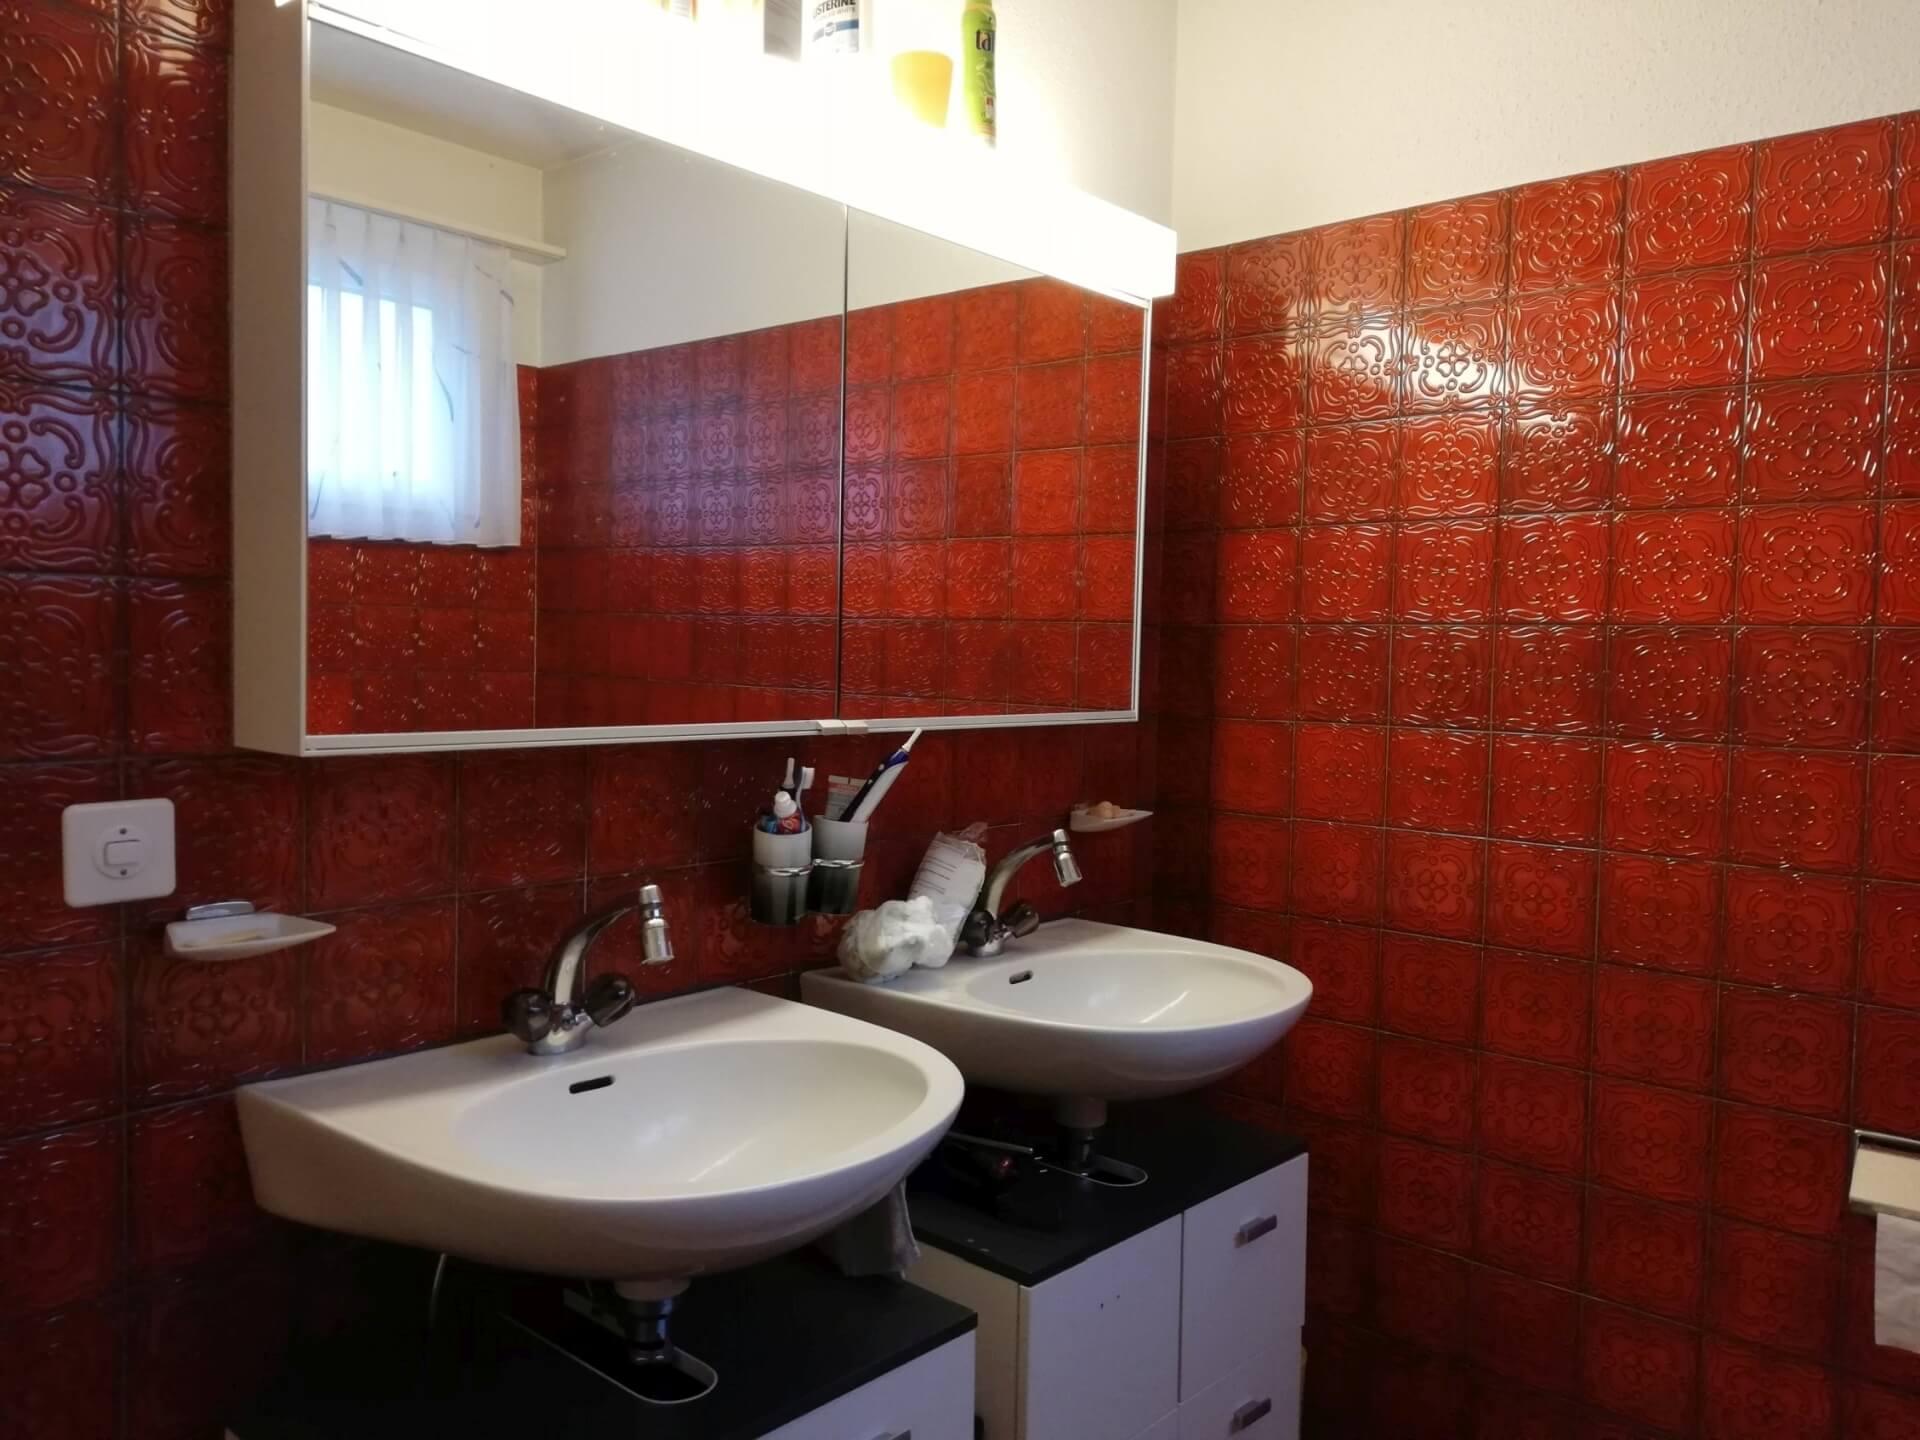 40-jähriges Badezimmers, mit roten, quadratischen Kacheln an Wand und Boden. Zwei einzelne Waschtische nebeneinander, ein breiter Spiegelschrank und zwei am Boden stehende Unterbauschränke.